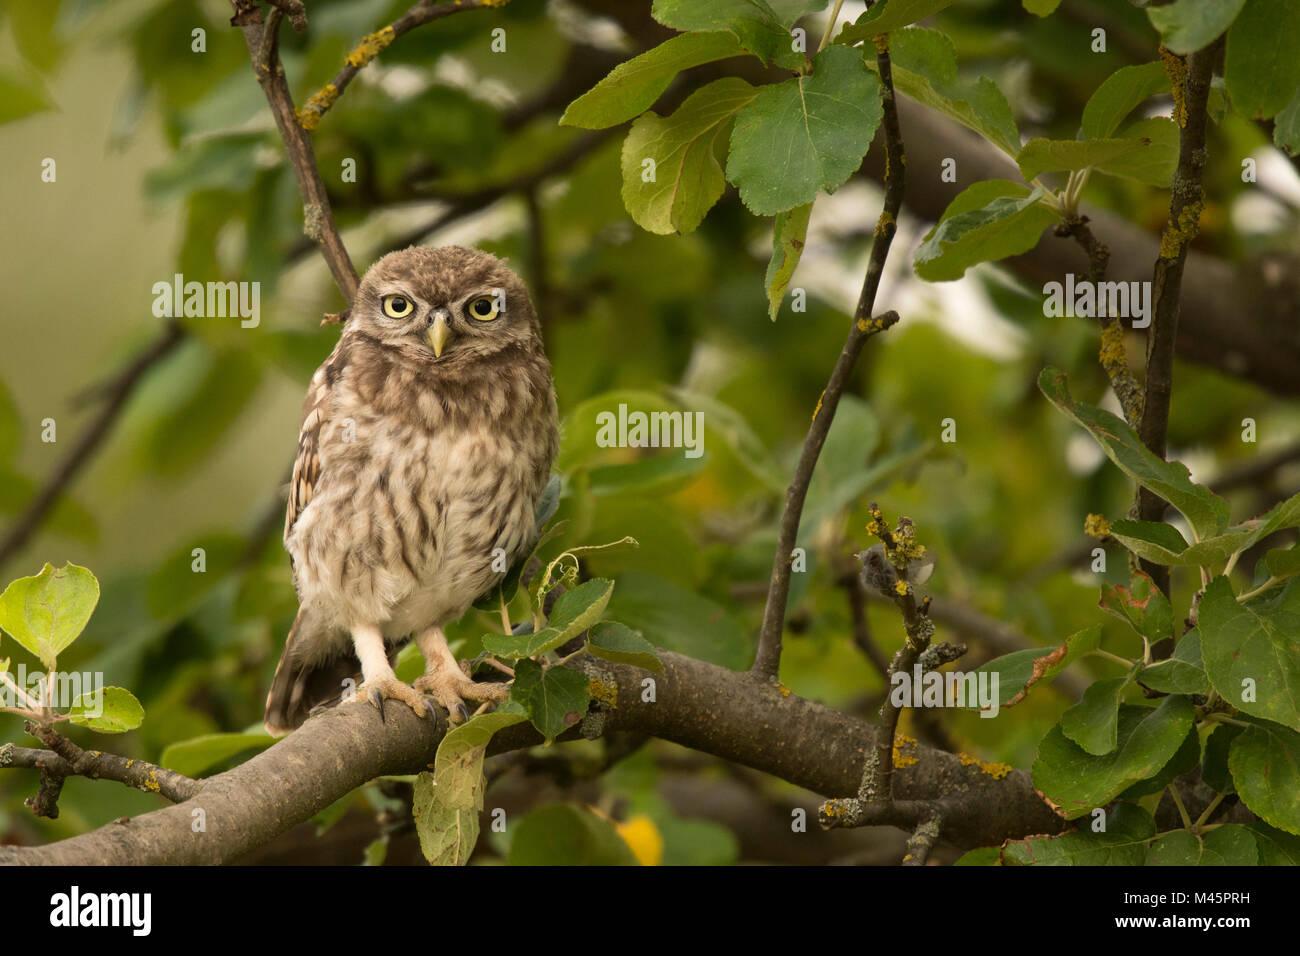 Steinkauz (Athene noctua), sitzen auf dem Baum, direkter Blick, Rheinland-Pfalz, Deutschland Stockbild